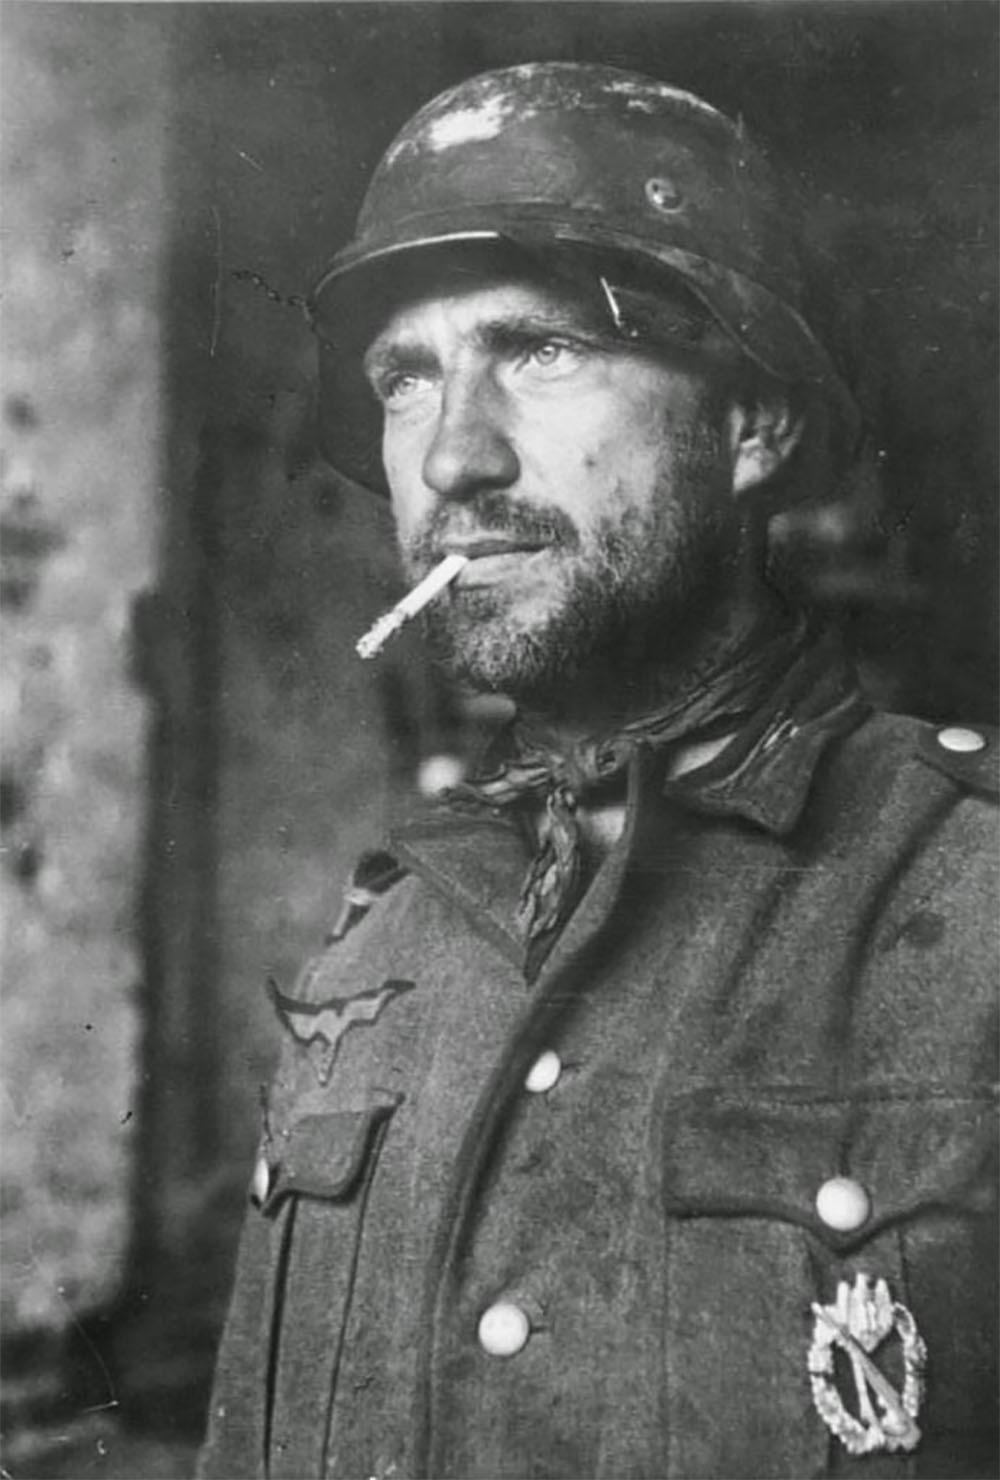 Fotografías de la Segunda Guerra Mundial y su historia 51A